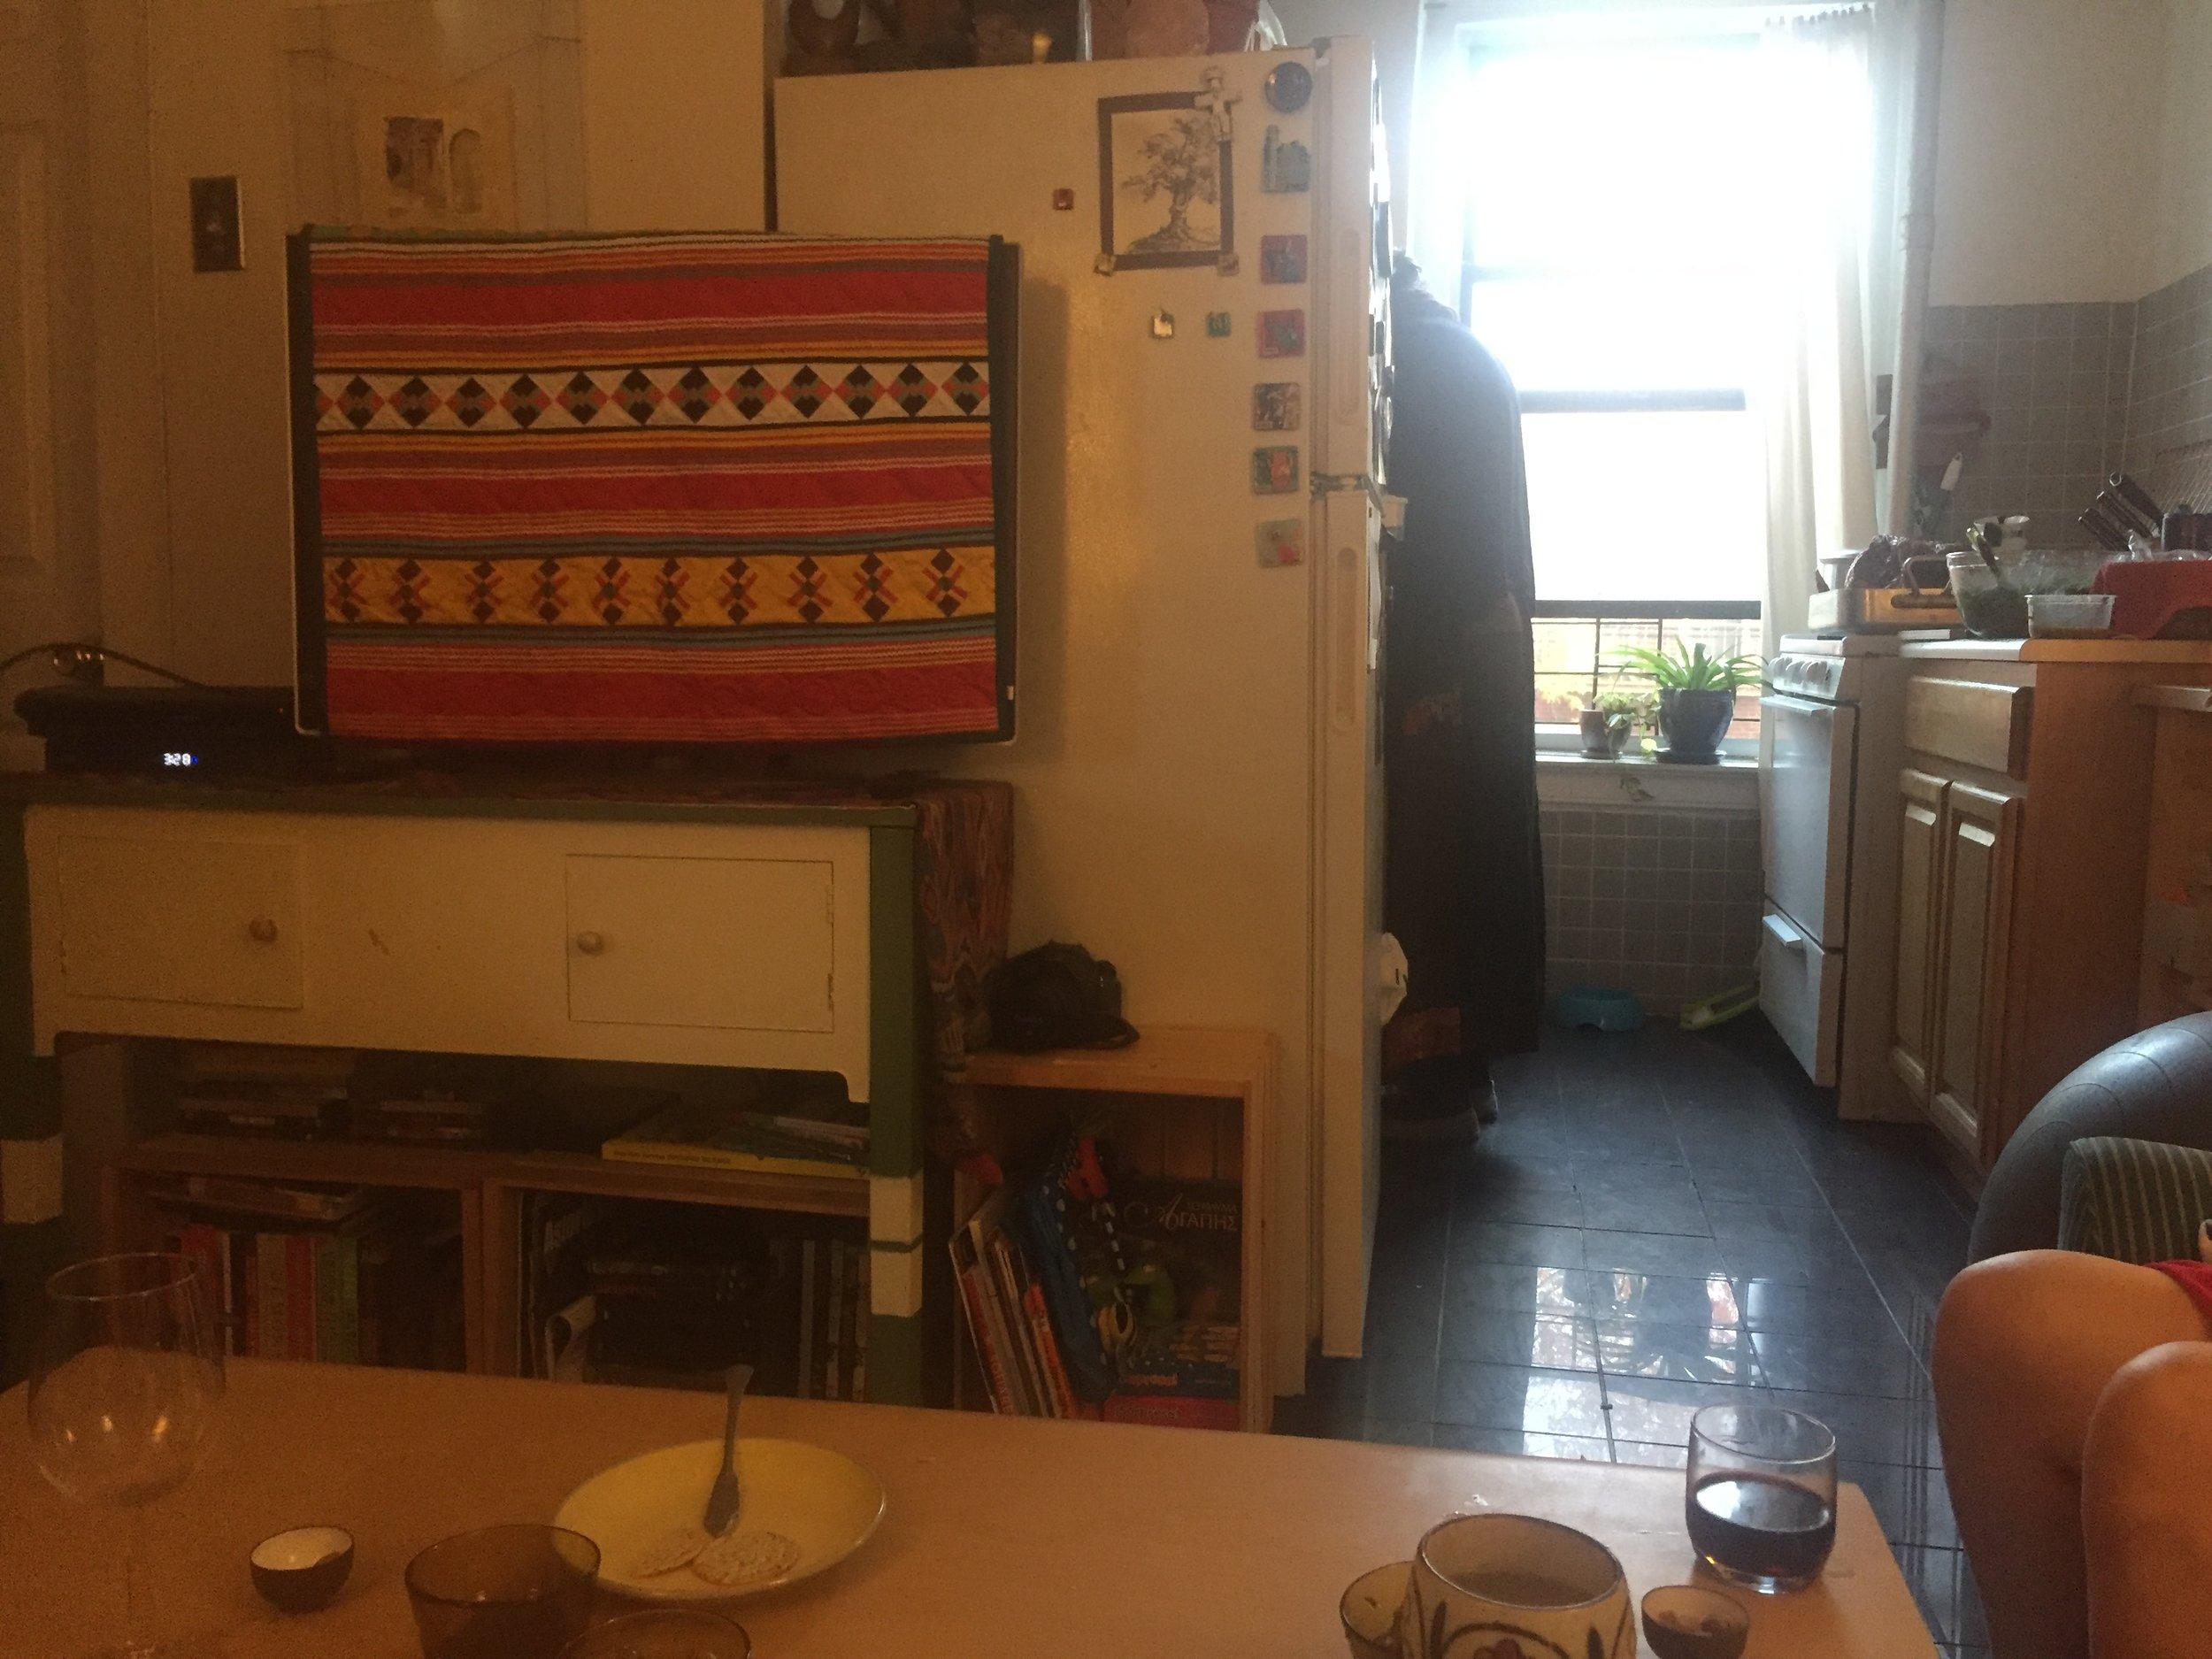 Vasmando Apartment, Astoria, Queens, 2016